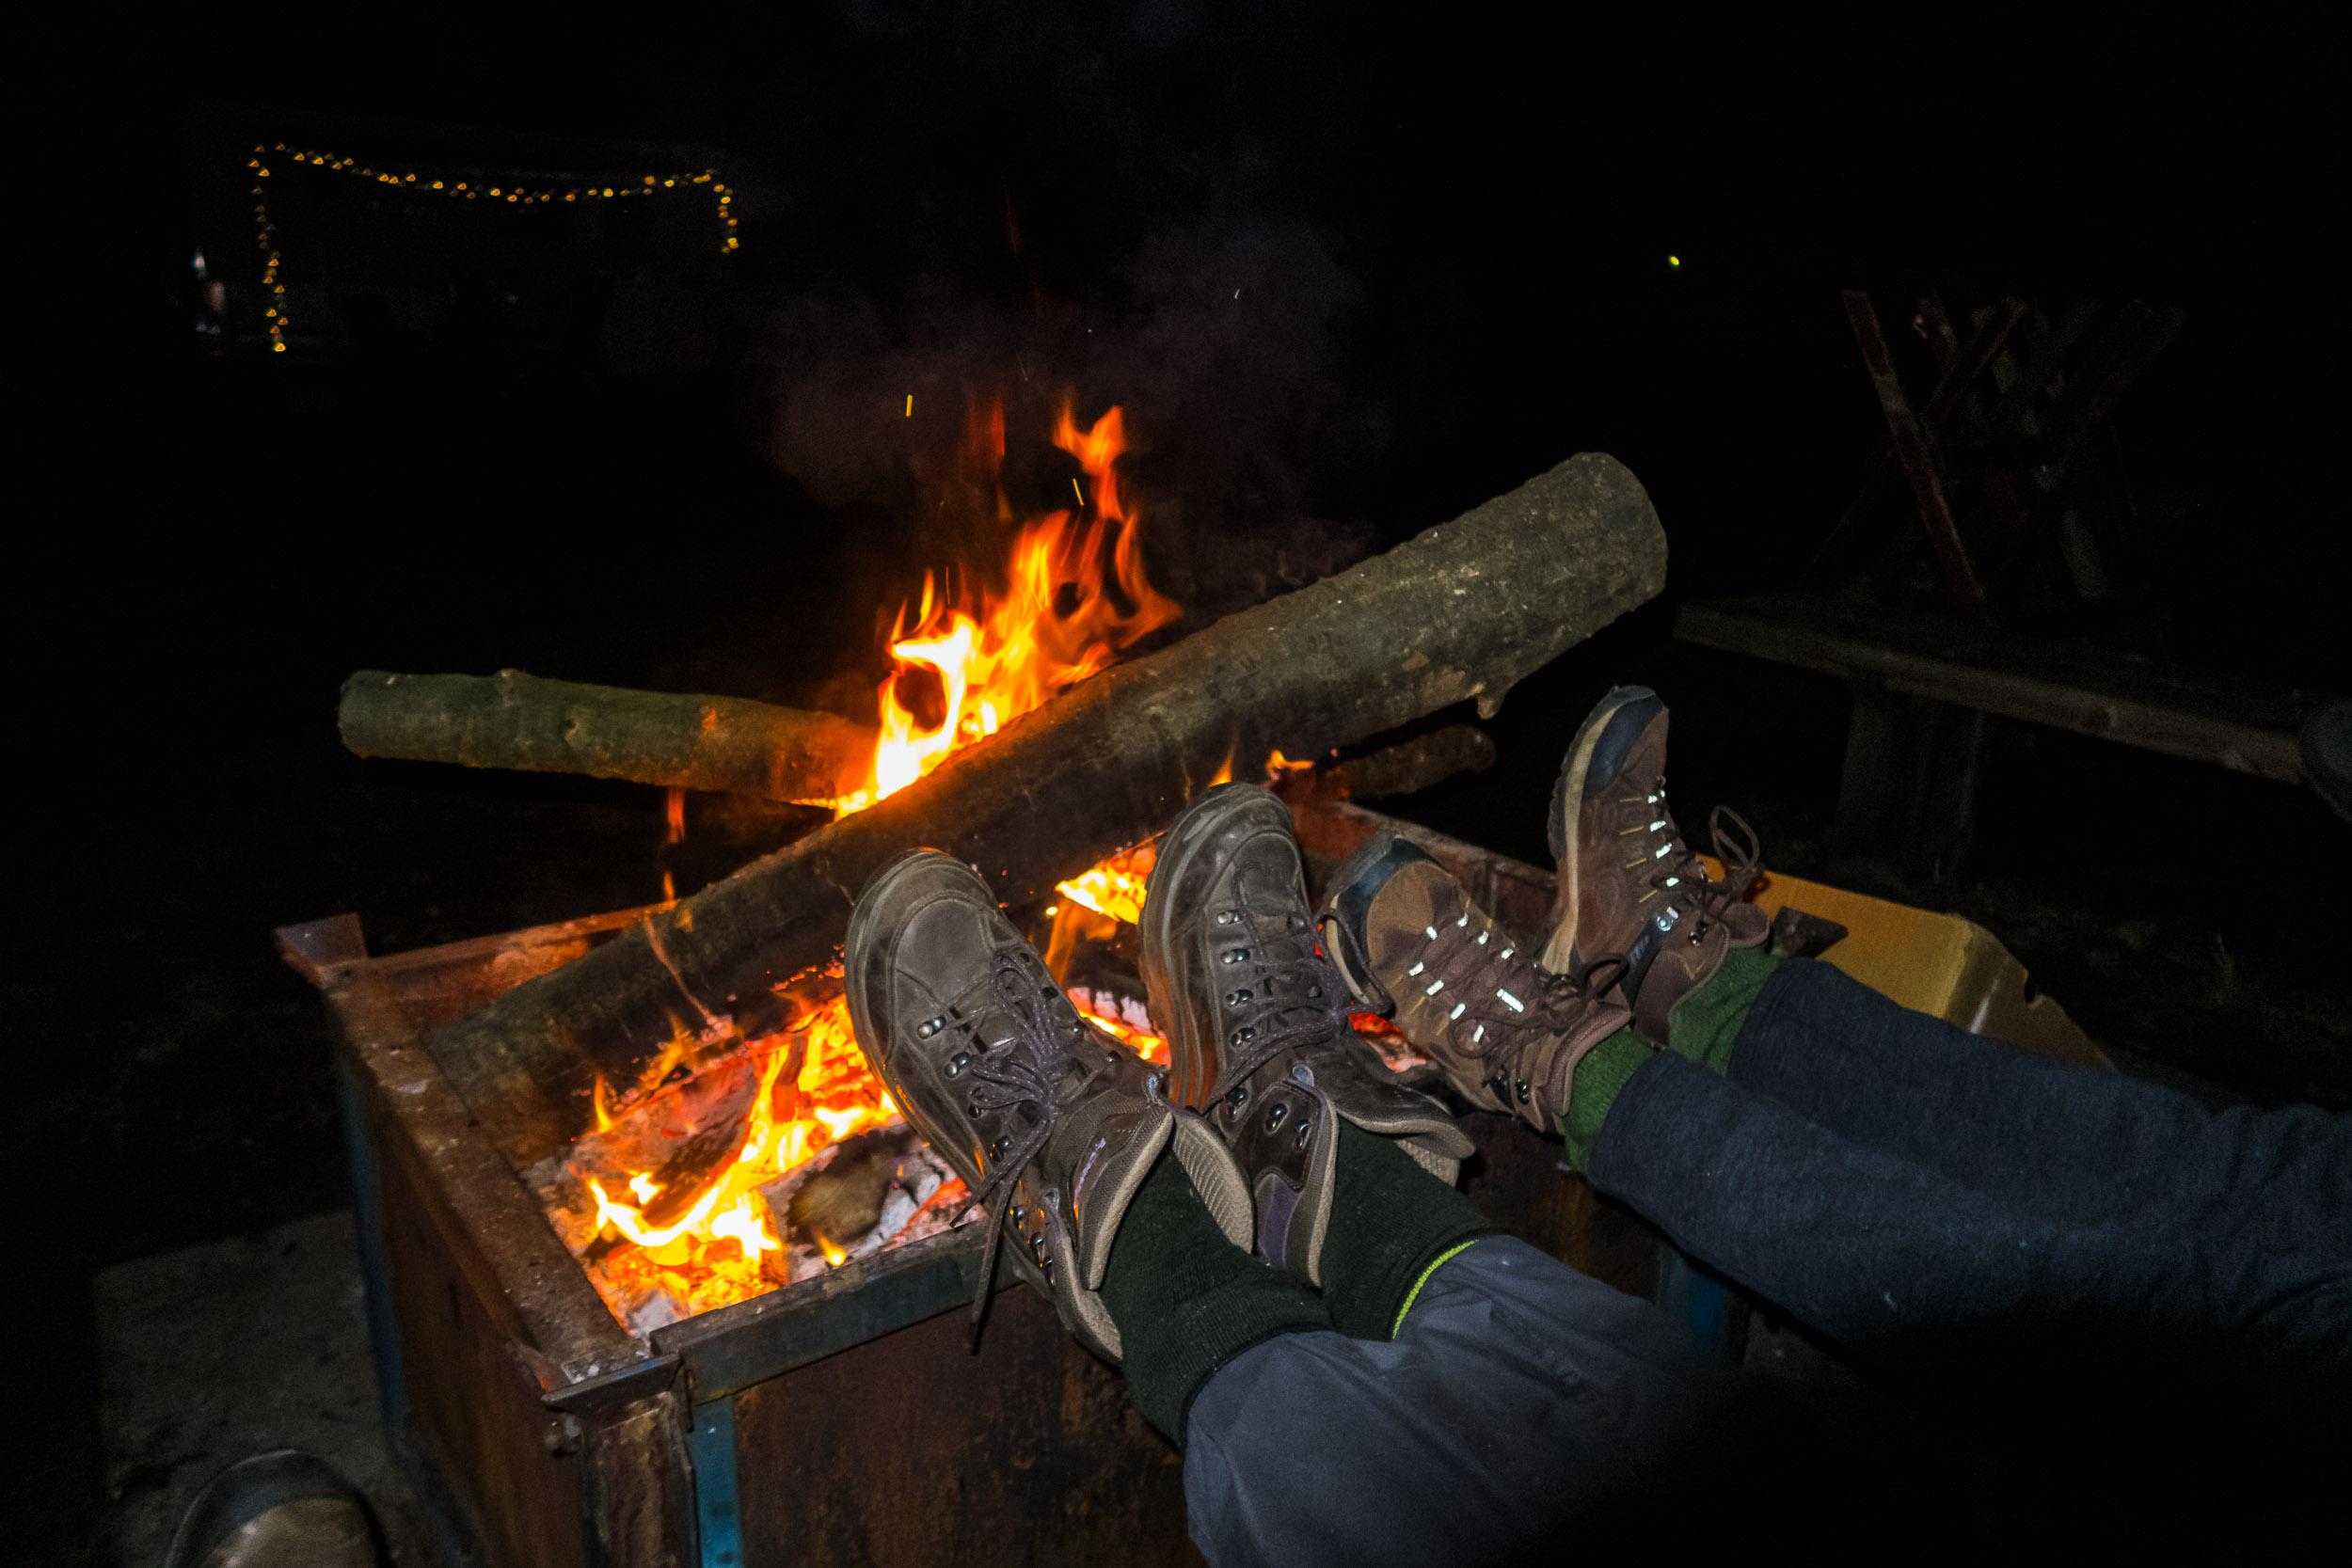 Lekker de voeten opwarmen bij het kampvuur!